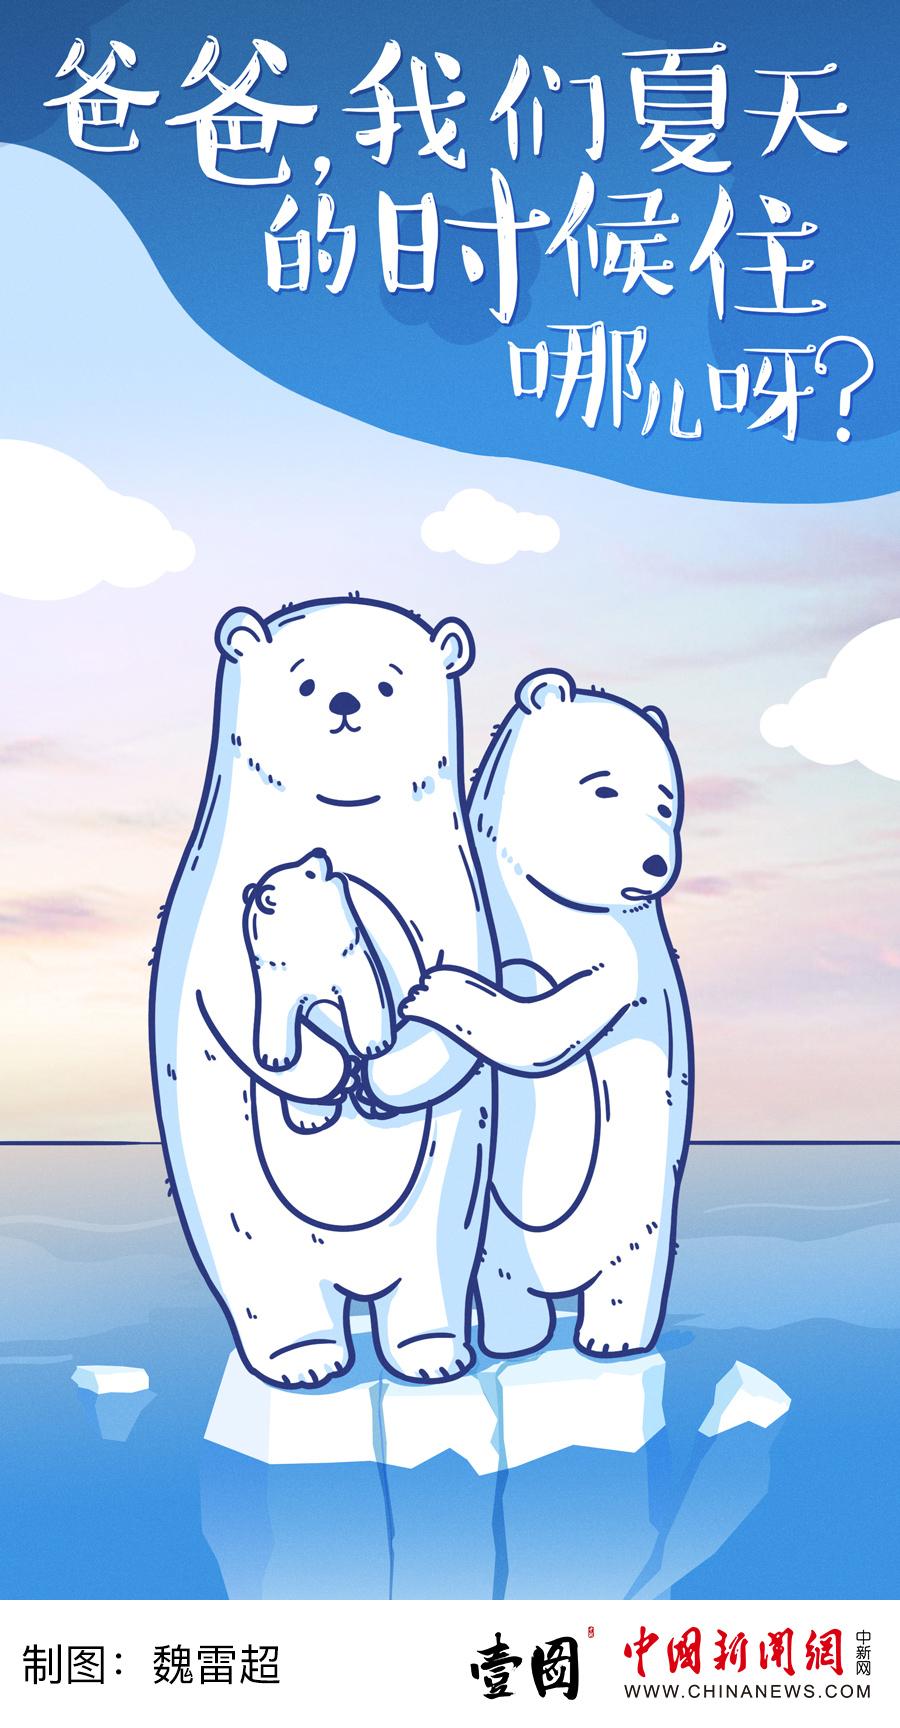 """宾利平台:壹图北极熊的""""蜗居""""谁来守护?"""